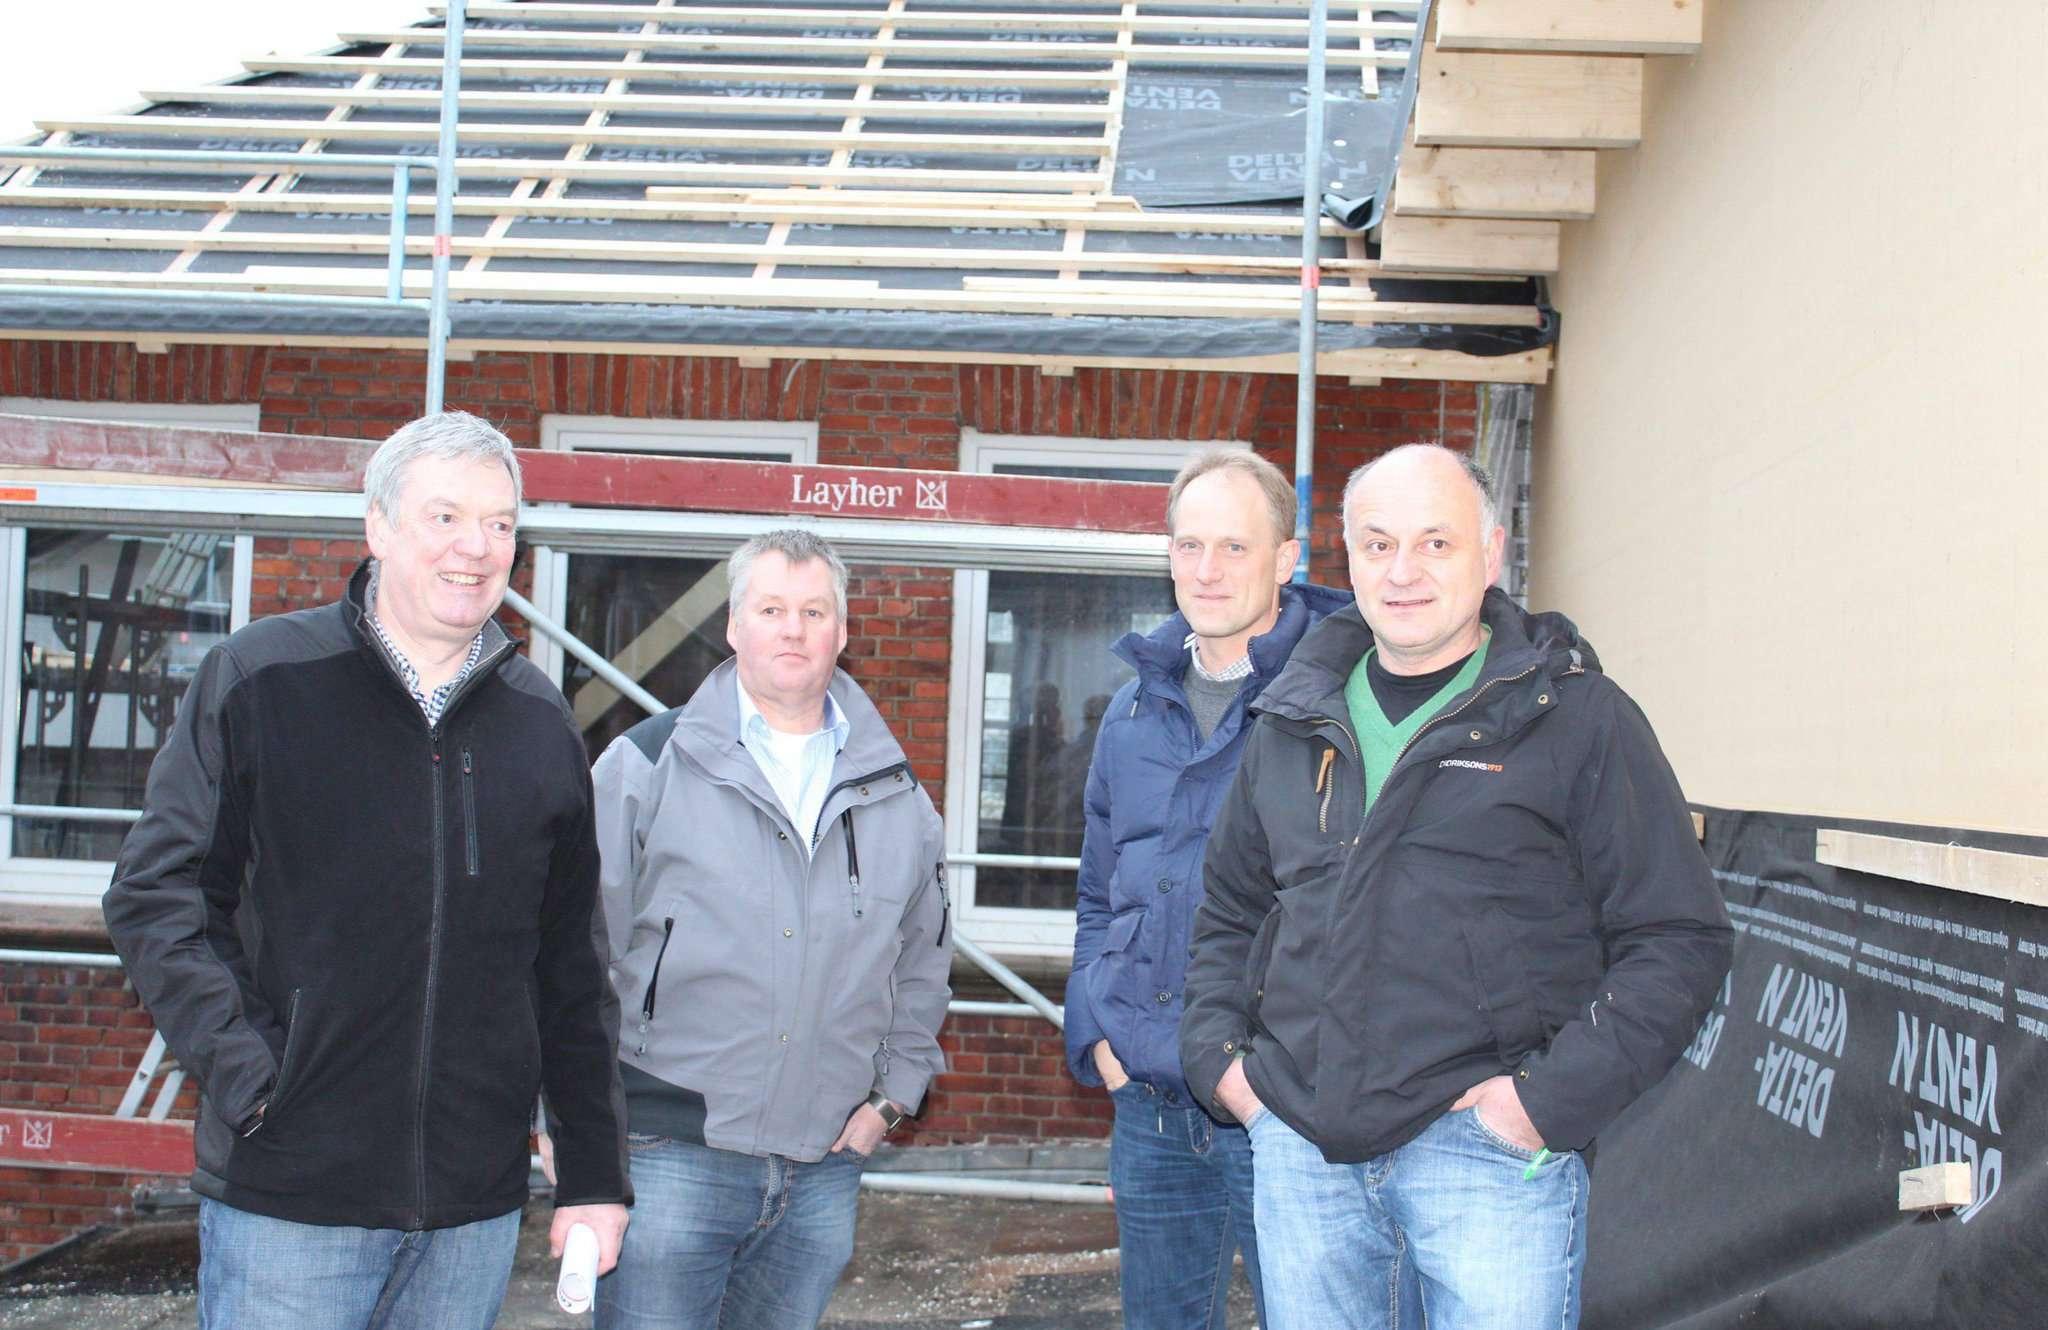 Burkhard Schmidt (von links), Martin Behrens, Thomas Miesner und Hartmut Berning schauen sich die Fortschritte im Gebäude an. Fotos: Ann-Christin Beims